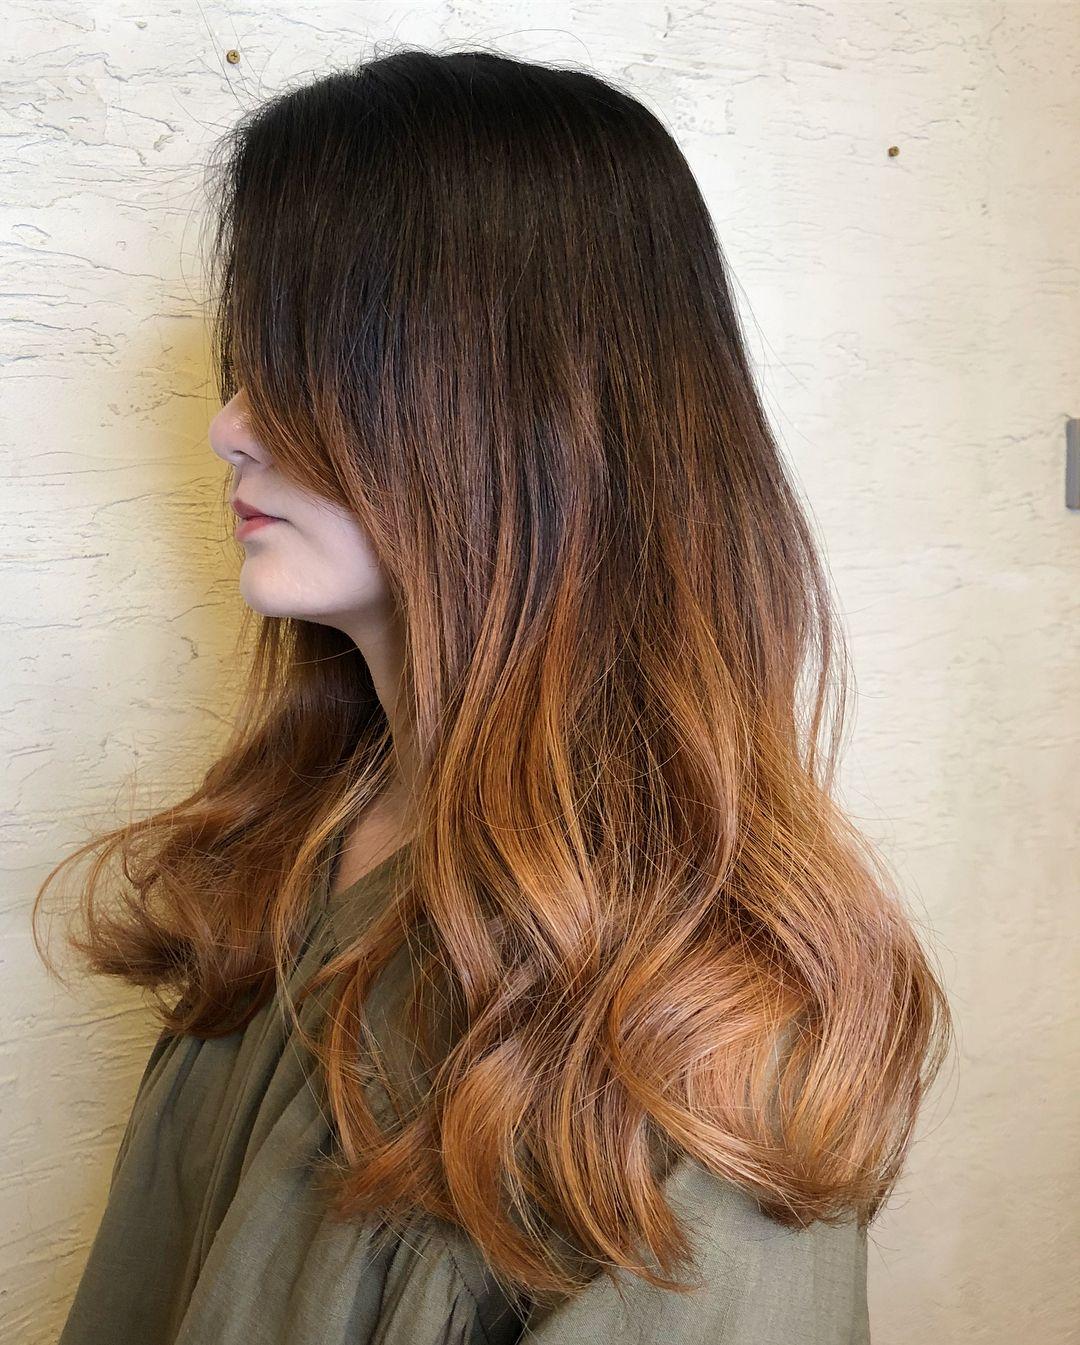 Inspirational Pics Of Caramel Hair Color